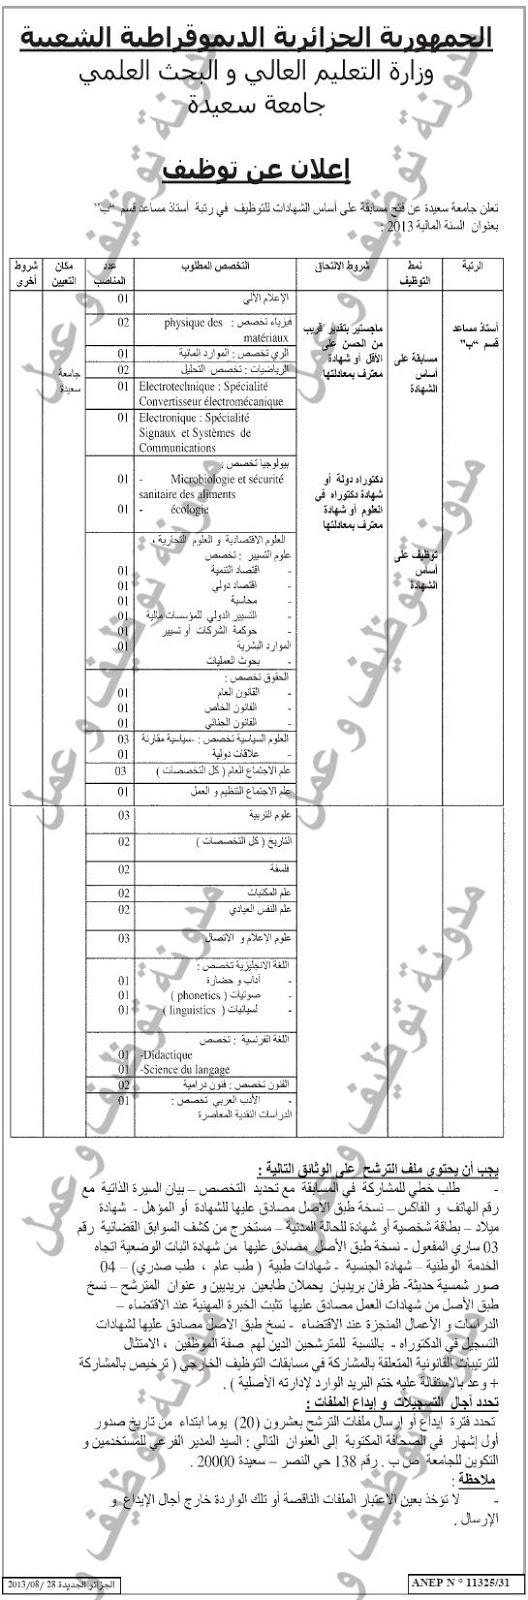 اعلان مسابقة توظيف اساتذة مساعدين قسم ب في جامعة سعيدة اوت2013 03.jpg